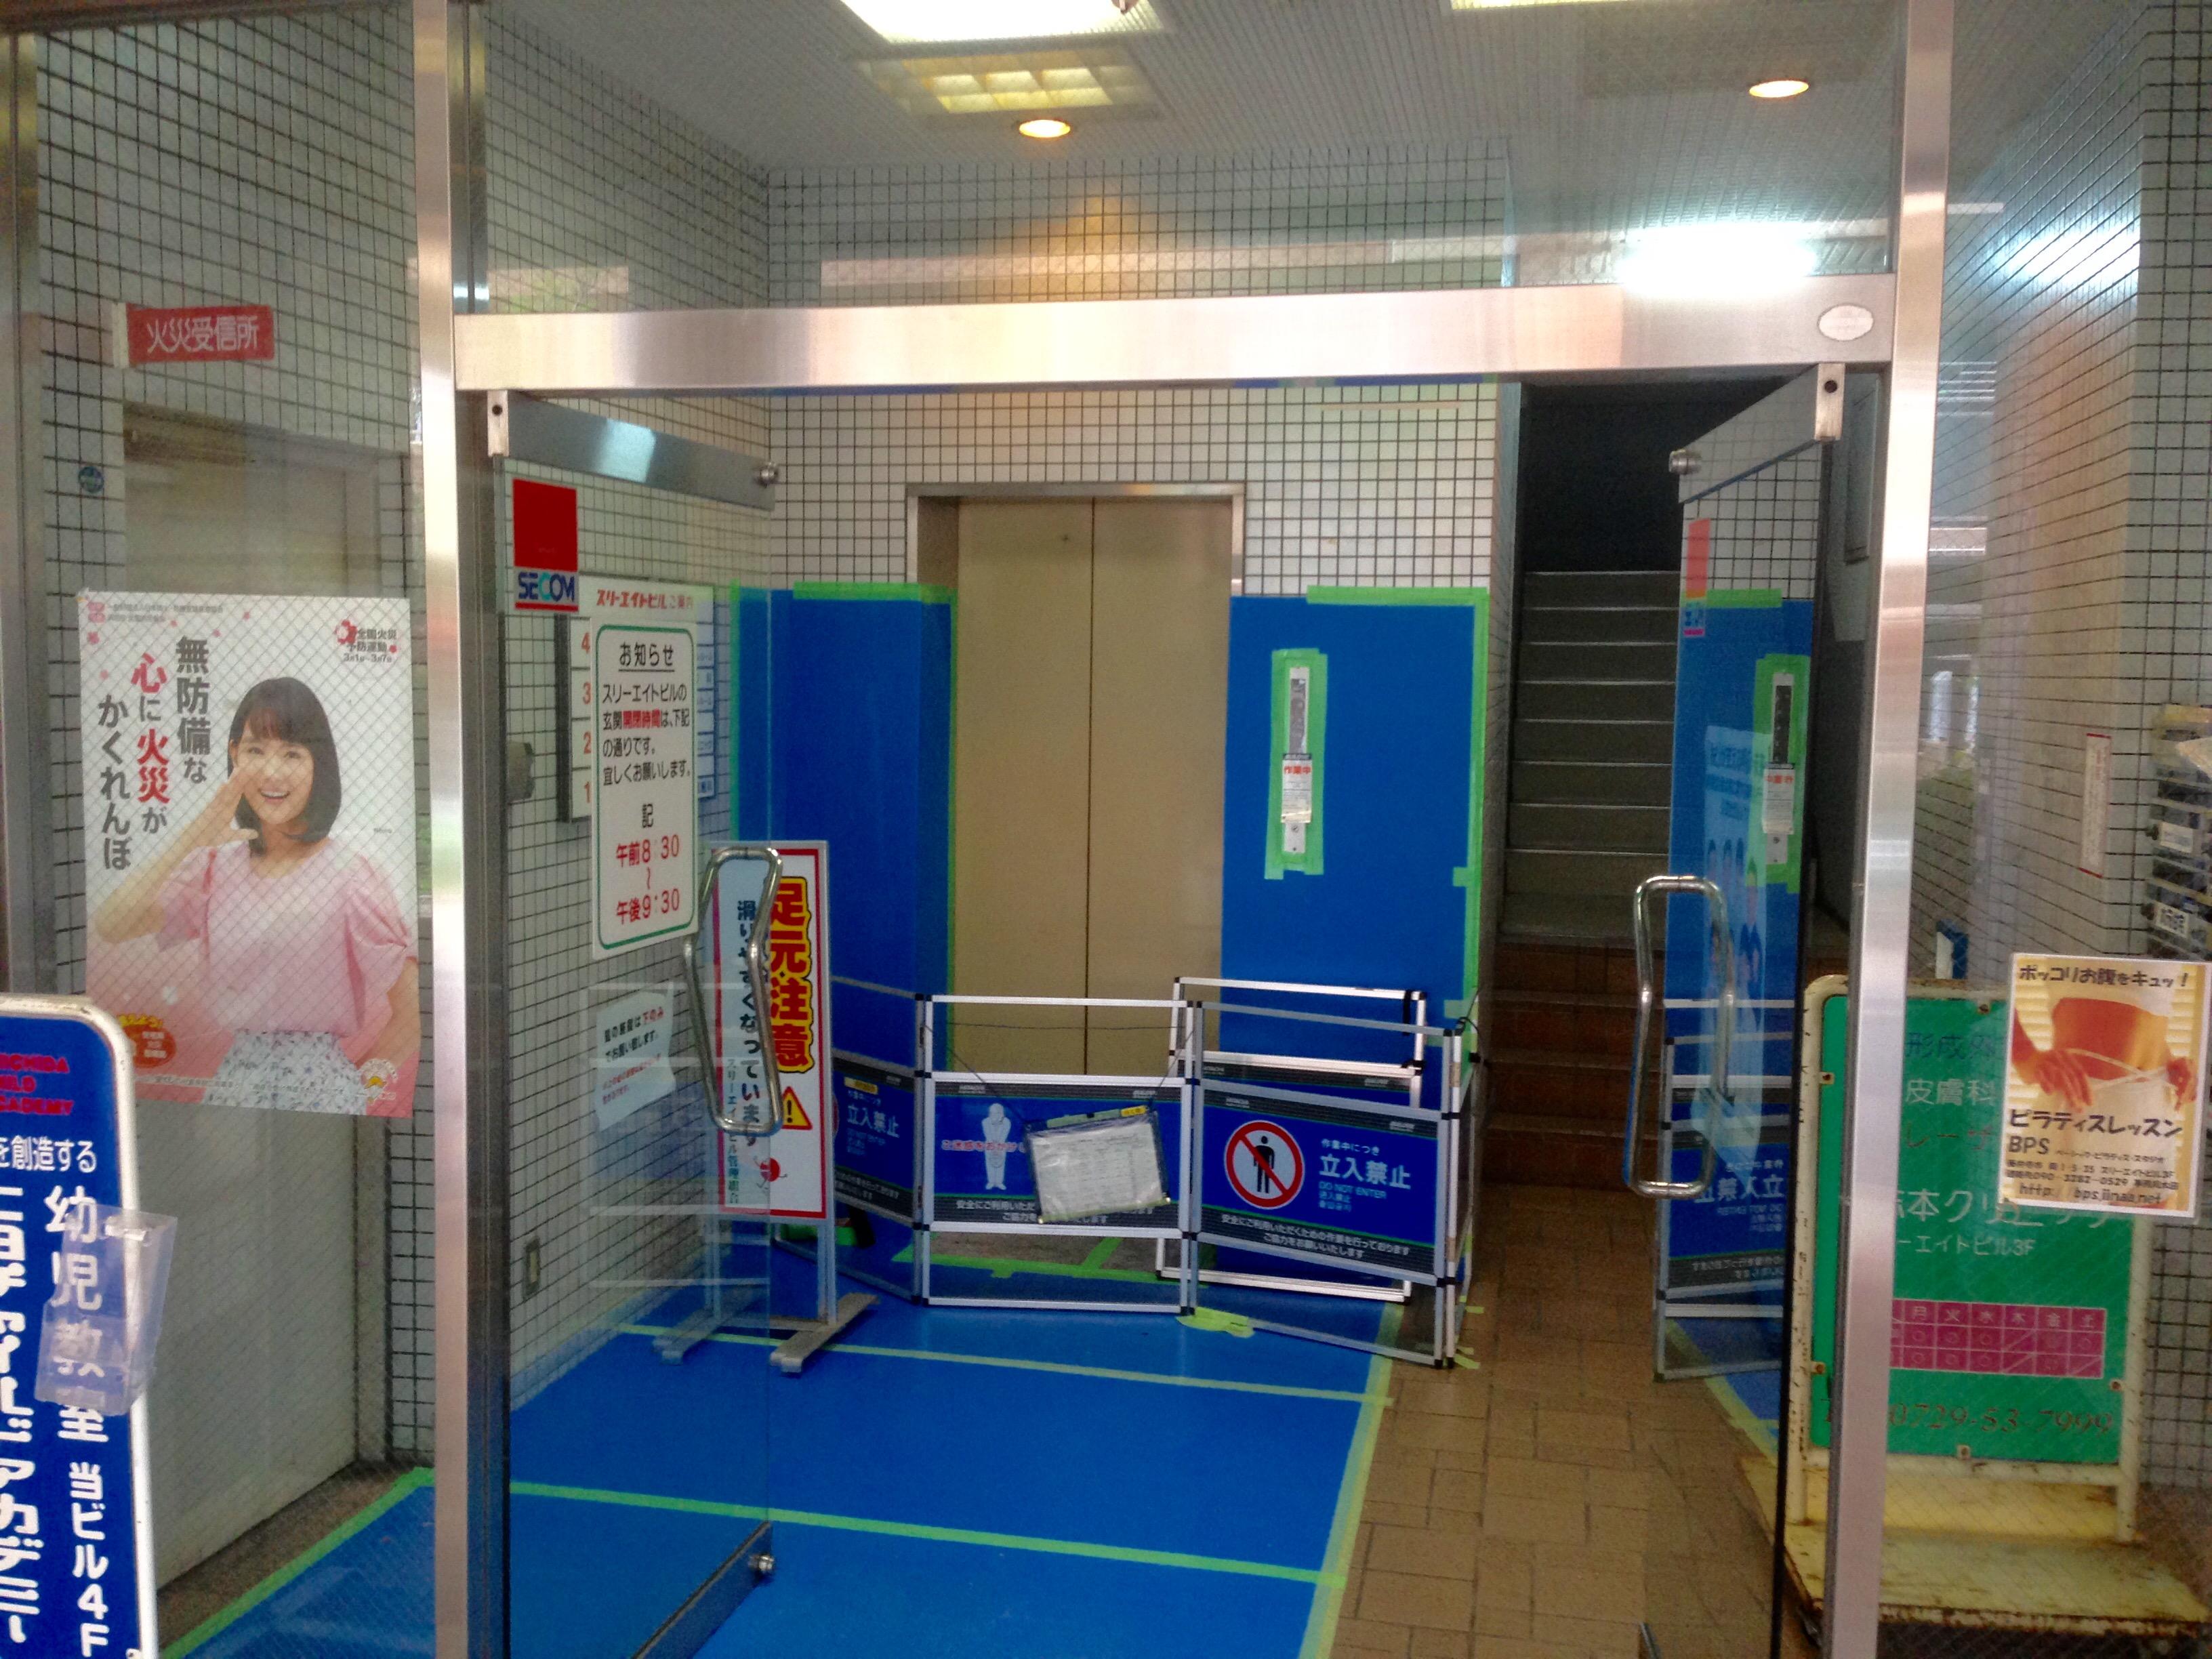 東洋スリム藤井寺店 4月26日までエレベーターメンテナンス中です。